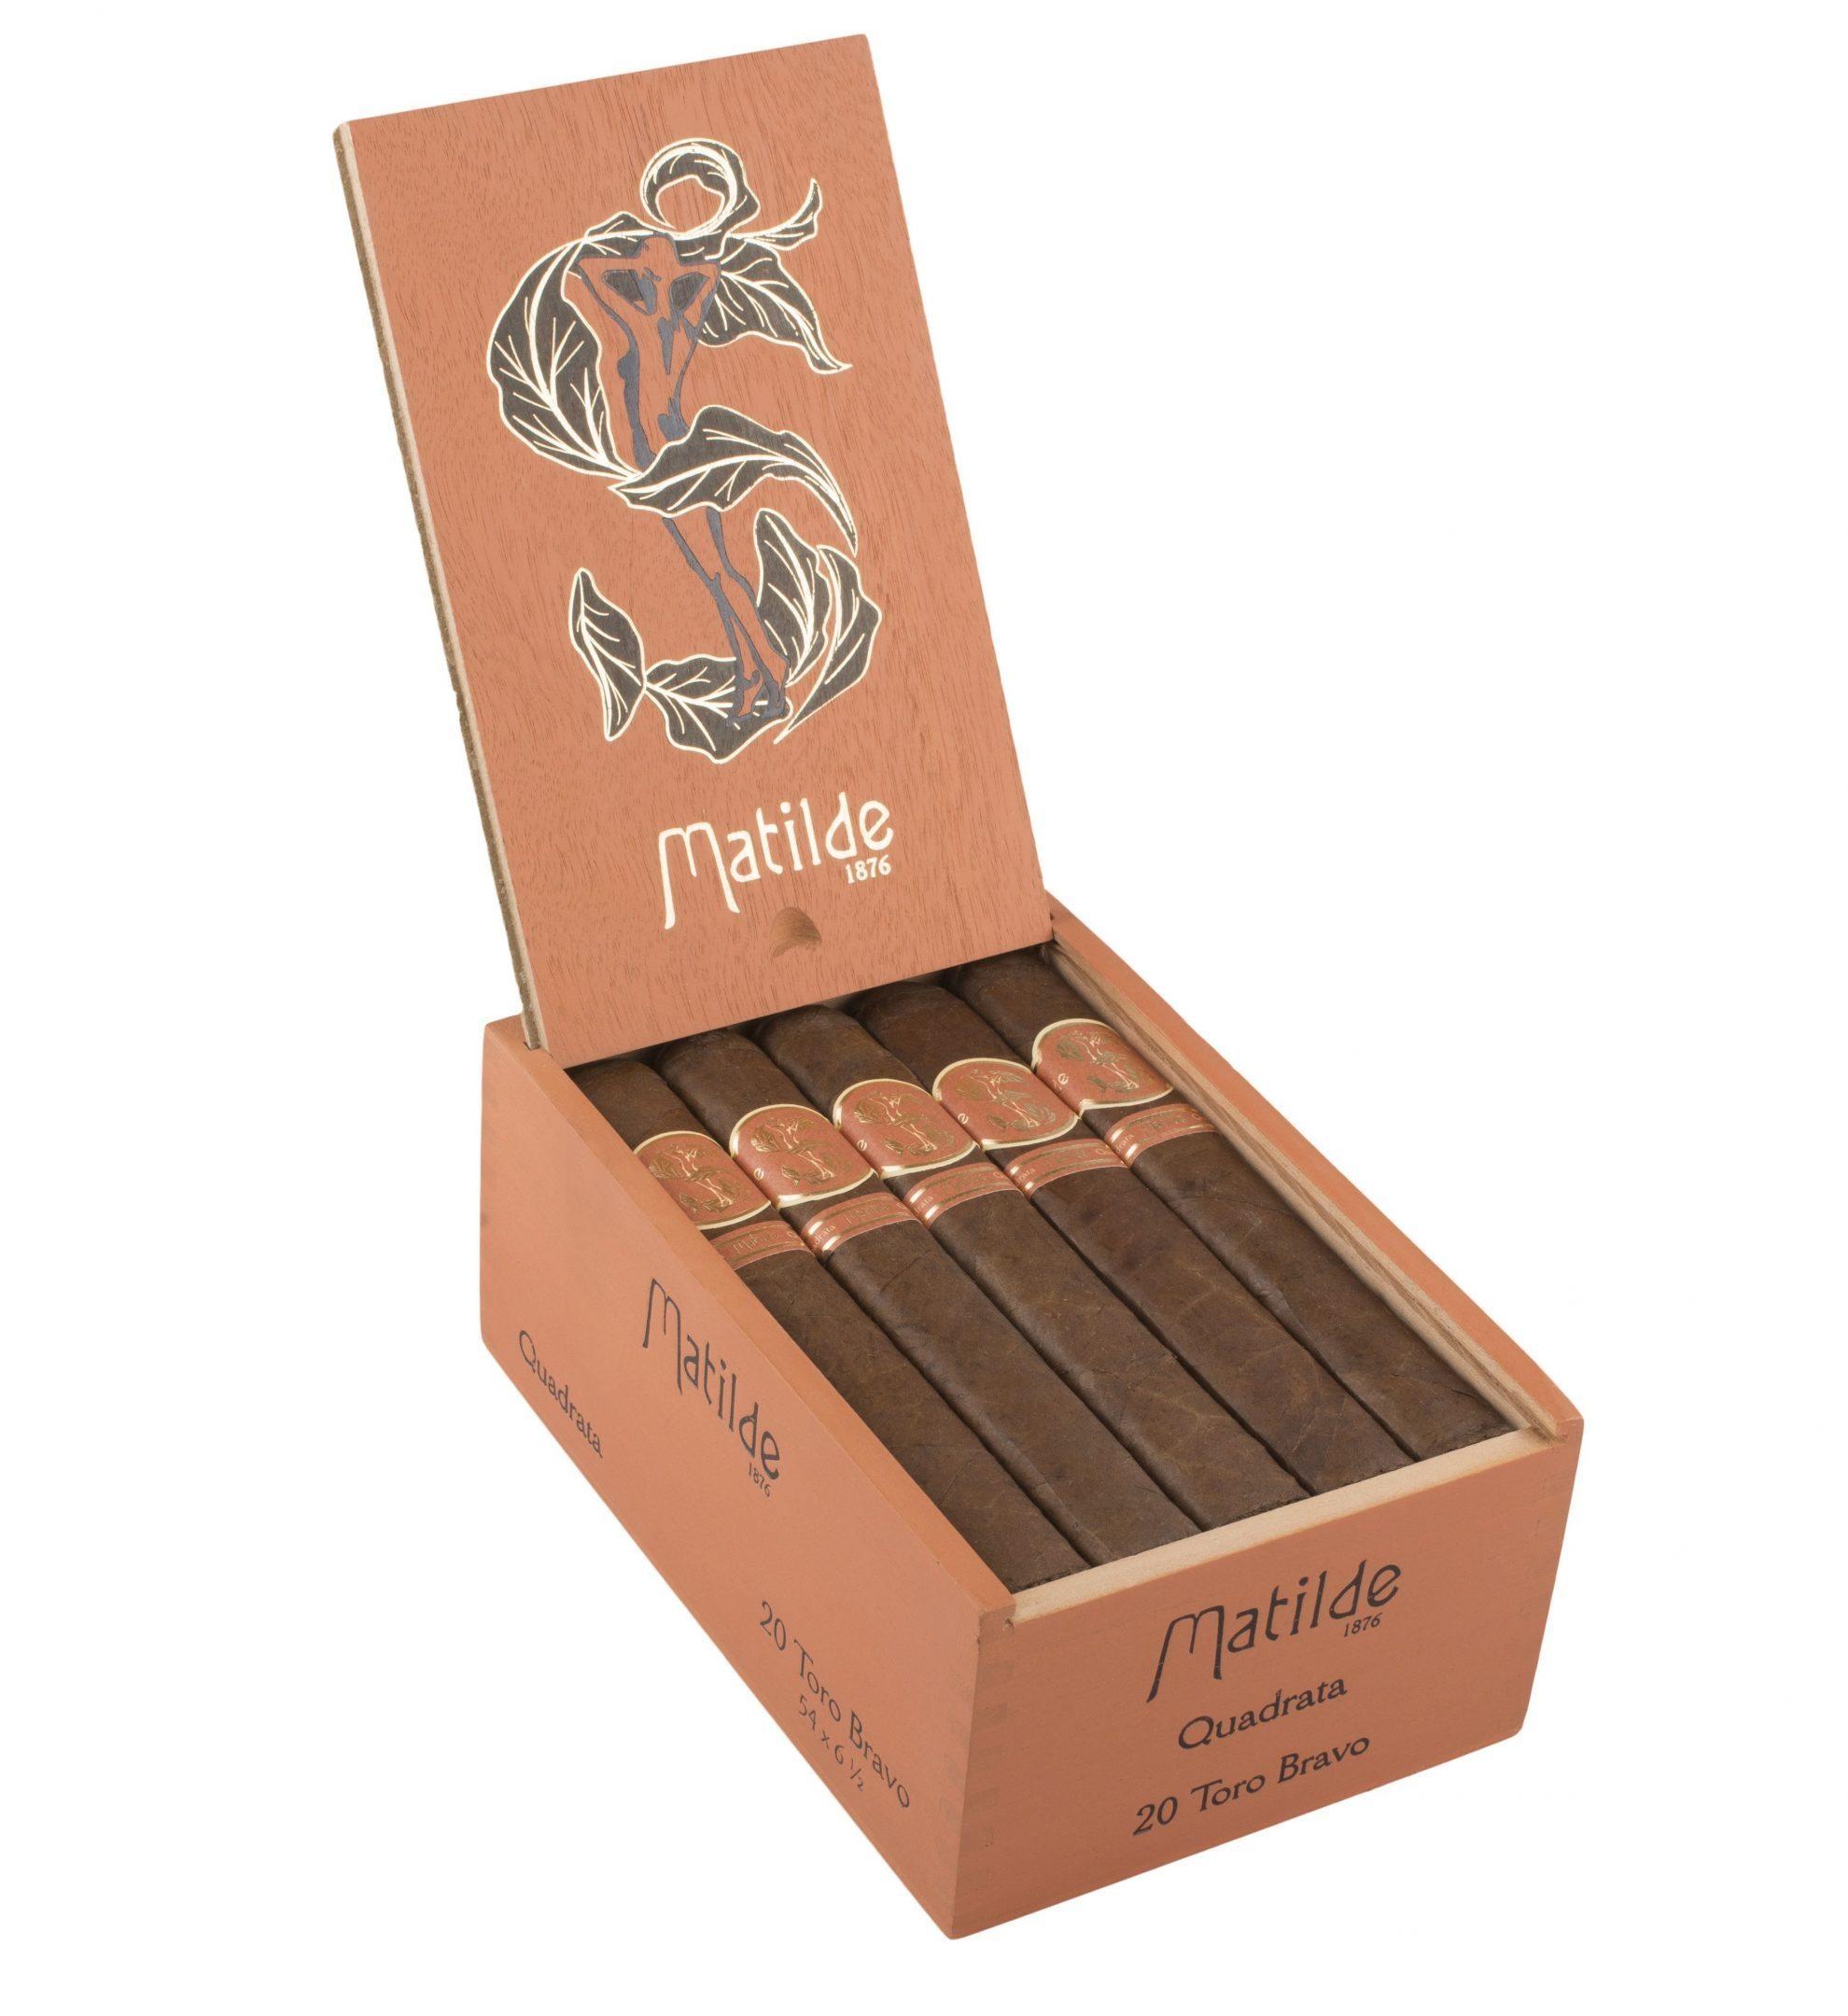 Cigar News: Matilde Cigars Announces Quadrata